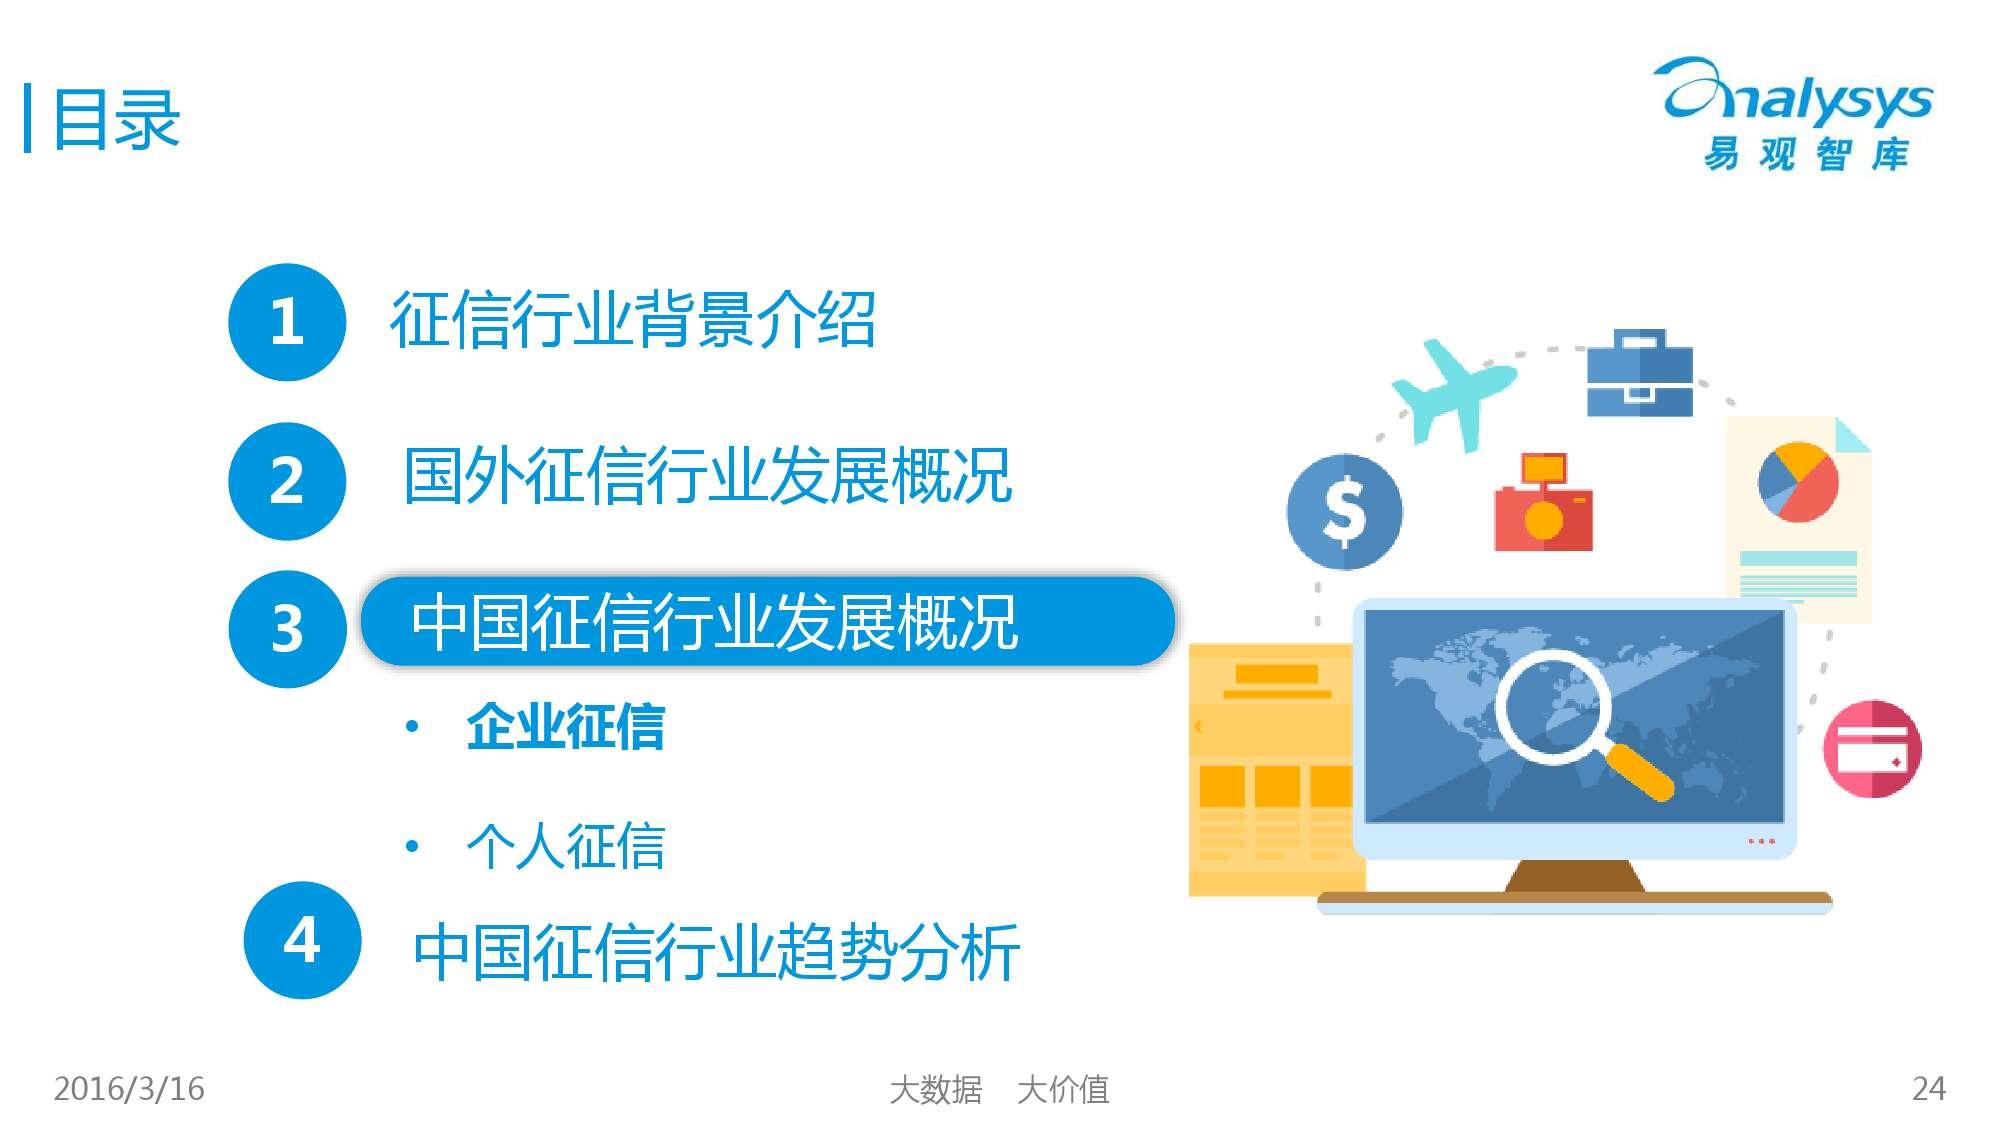 中国征信行业专题研究报告2016_000024